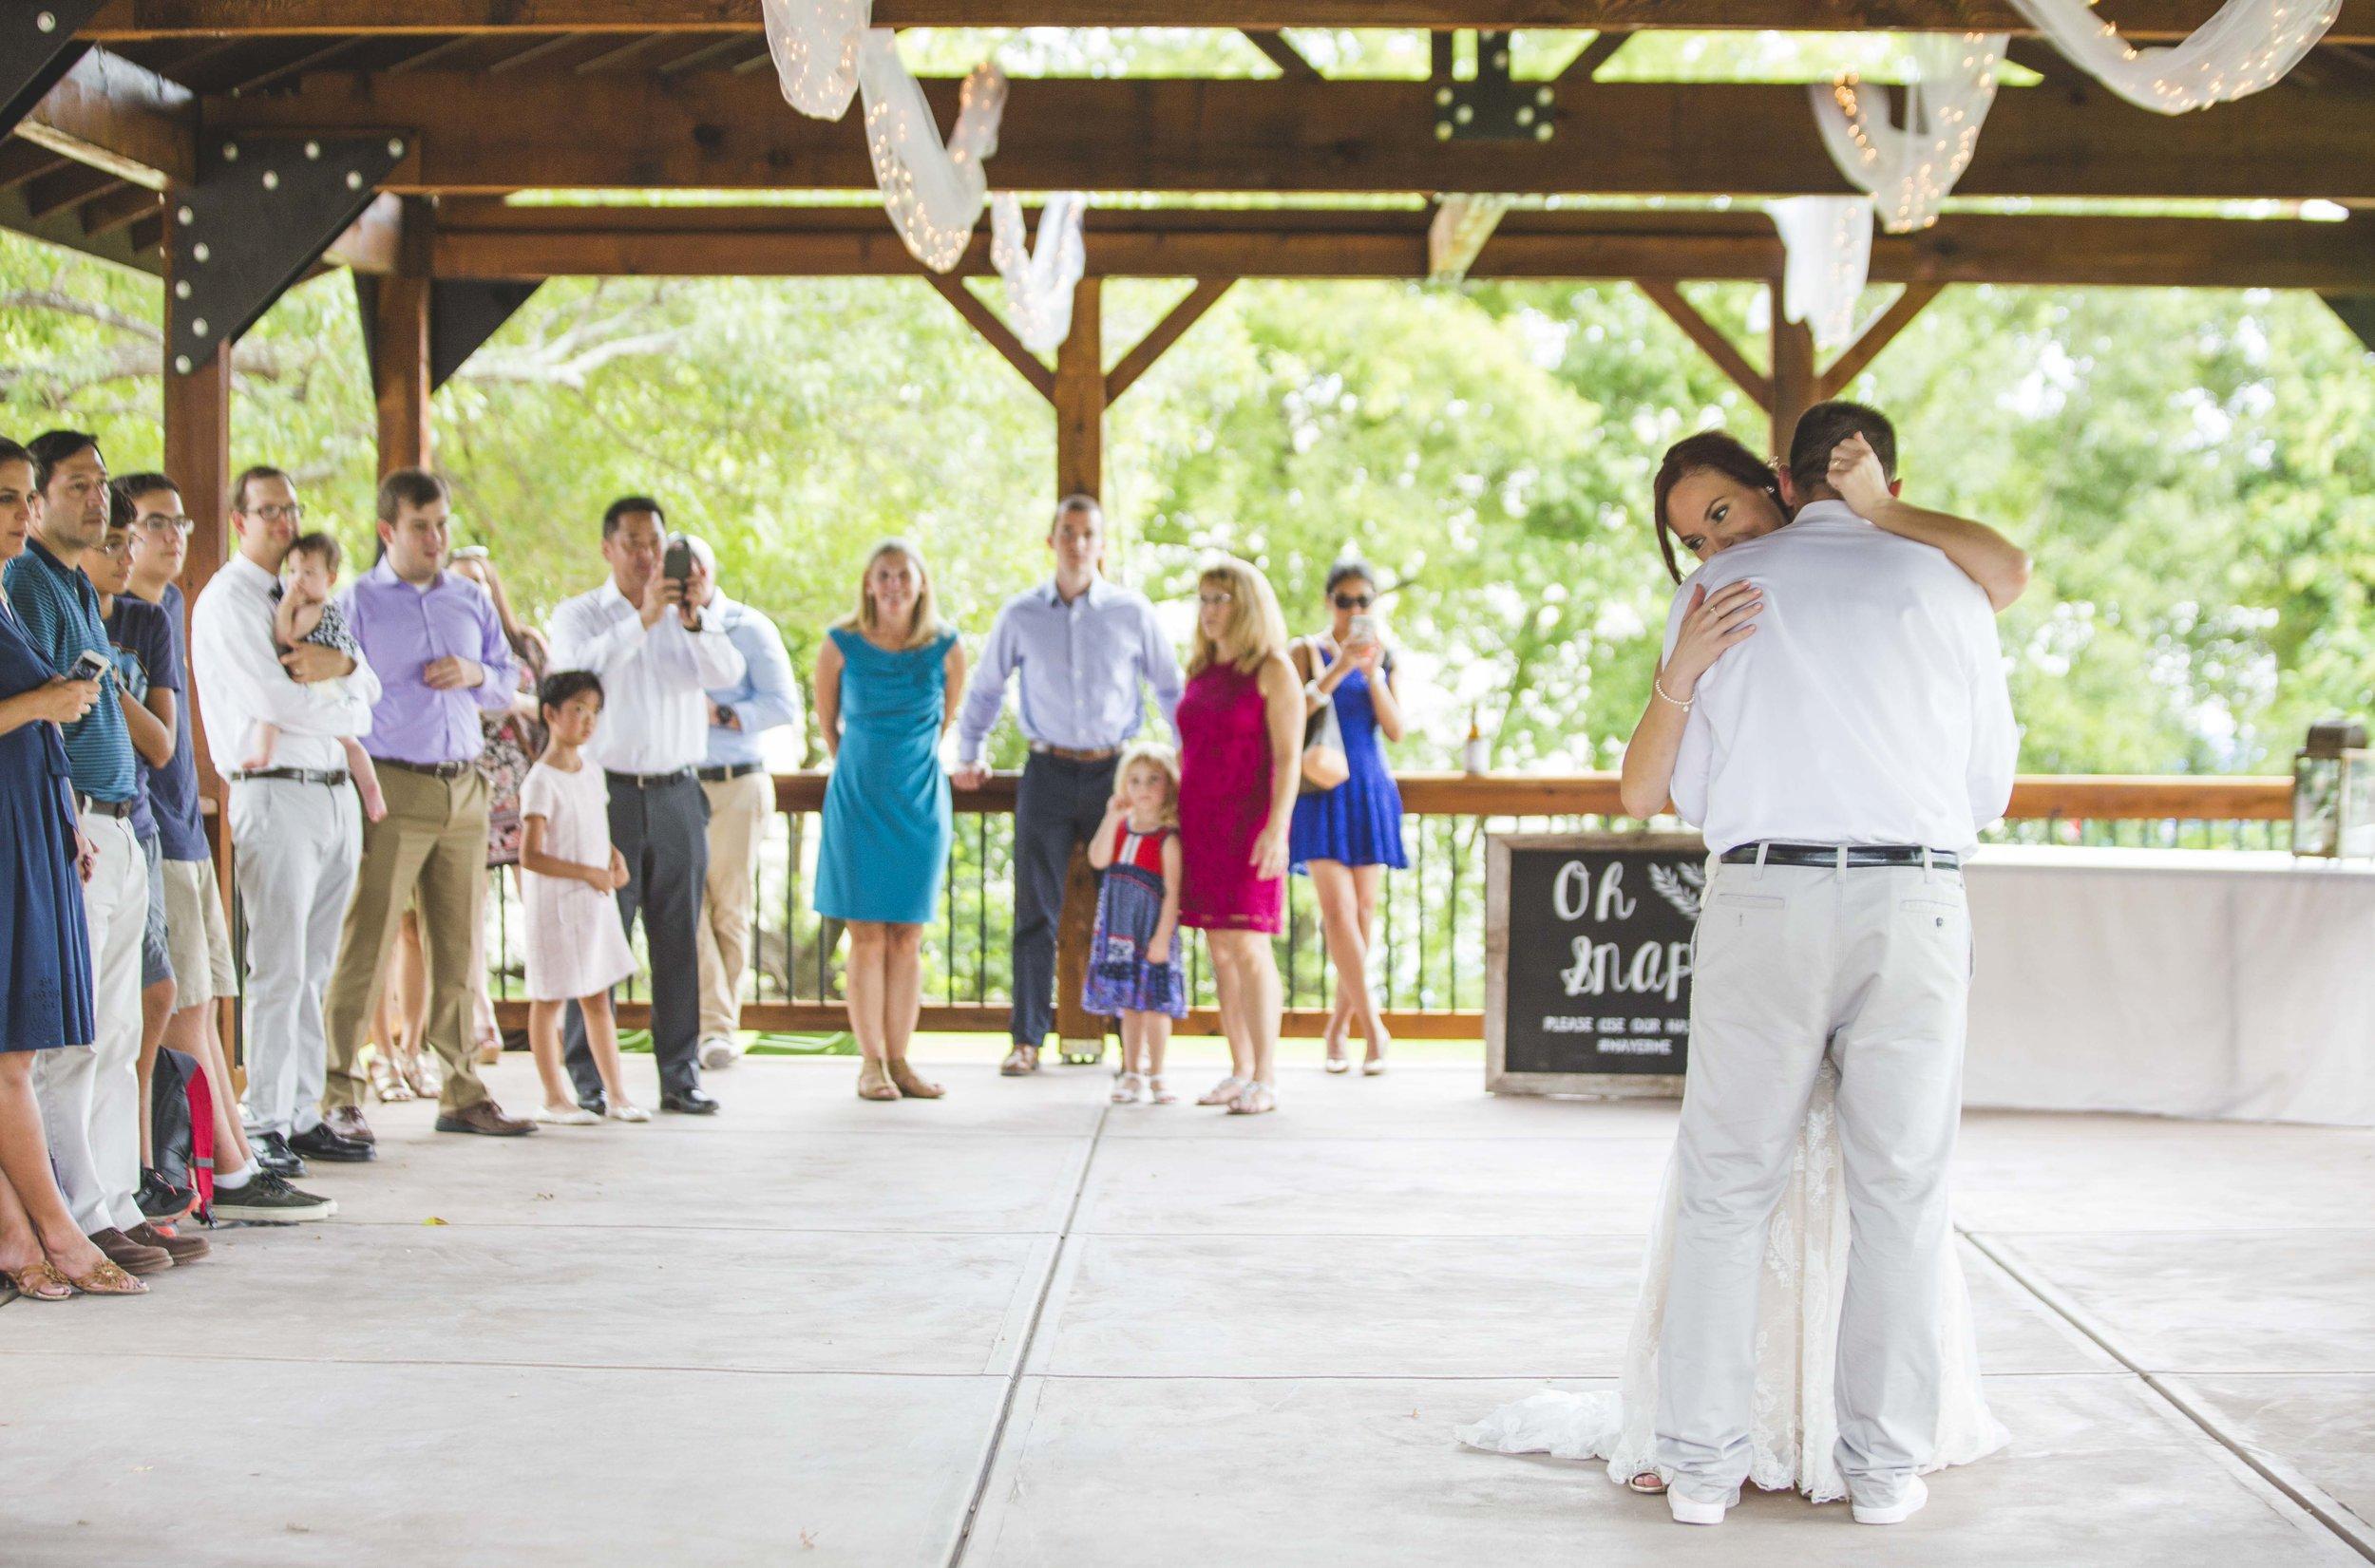 ATGI_Susanna & Matt Wedding_717A8477.jpg